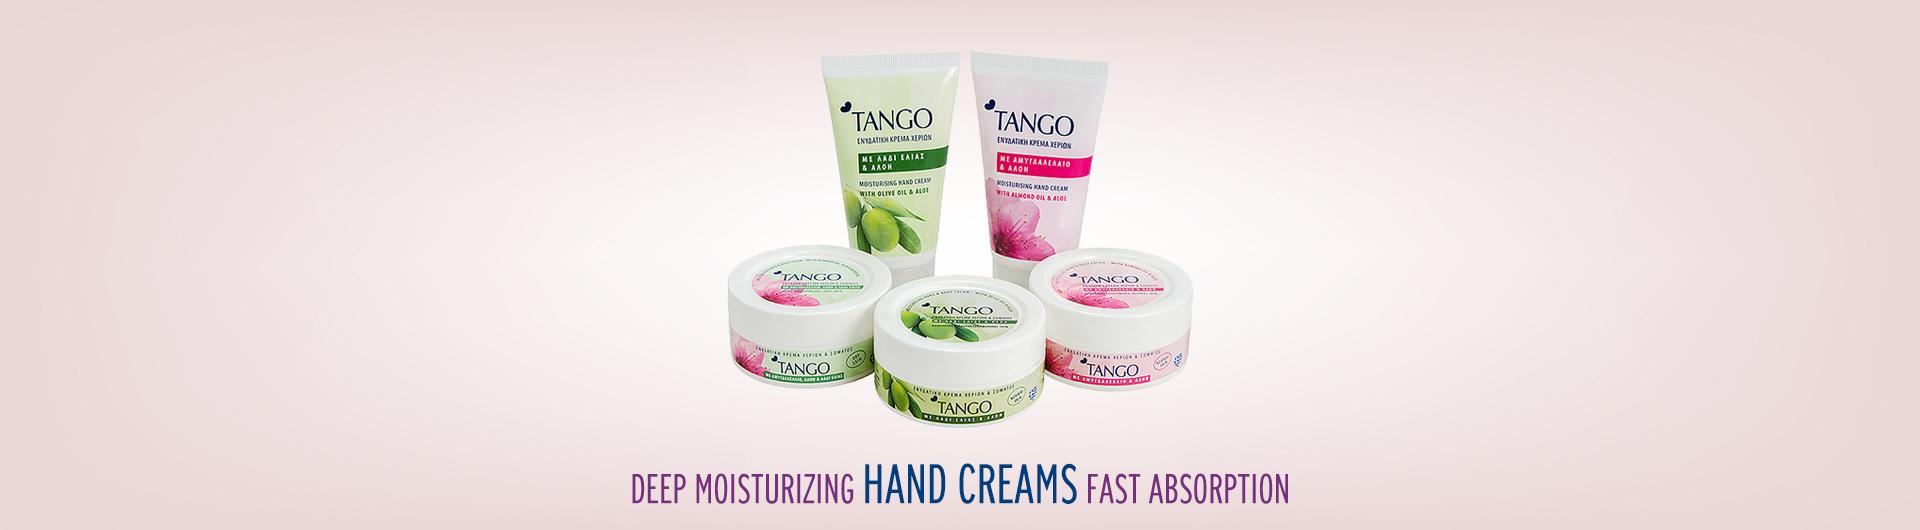 Tango Hand Creams